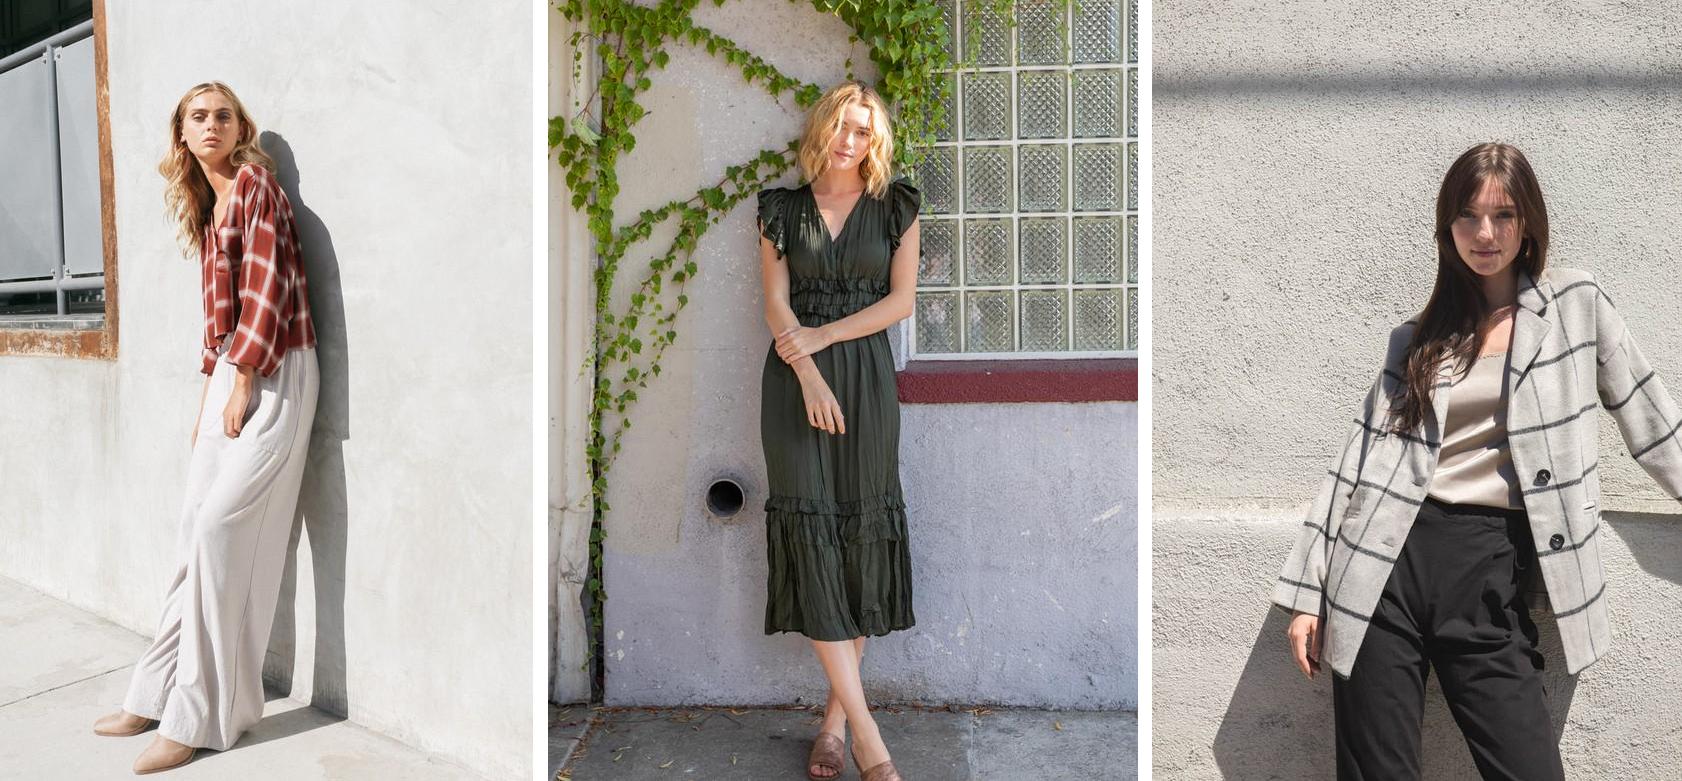 дешевый магазин женской одежды Irene's Story